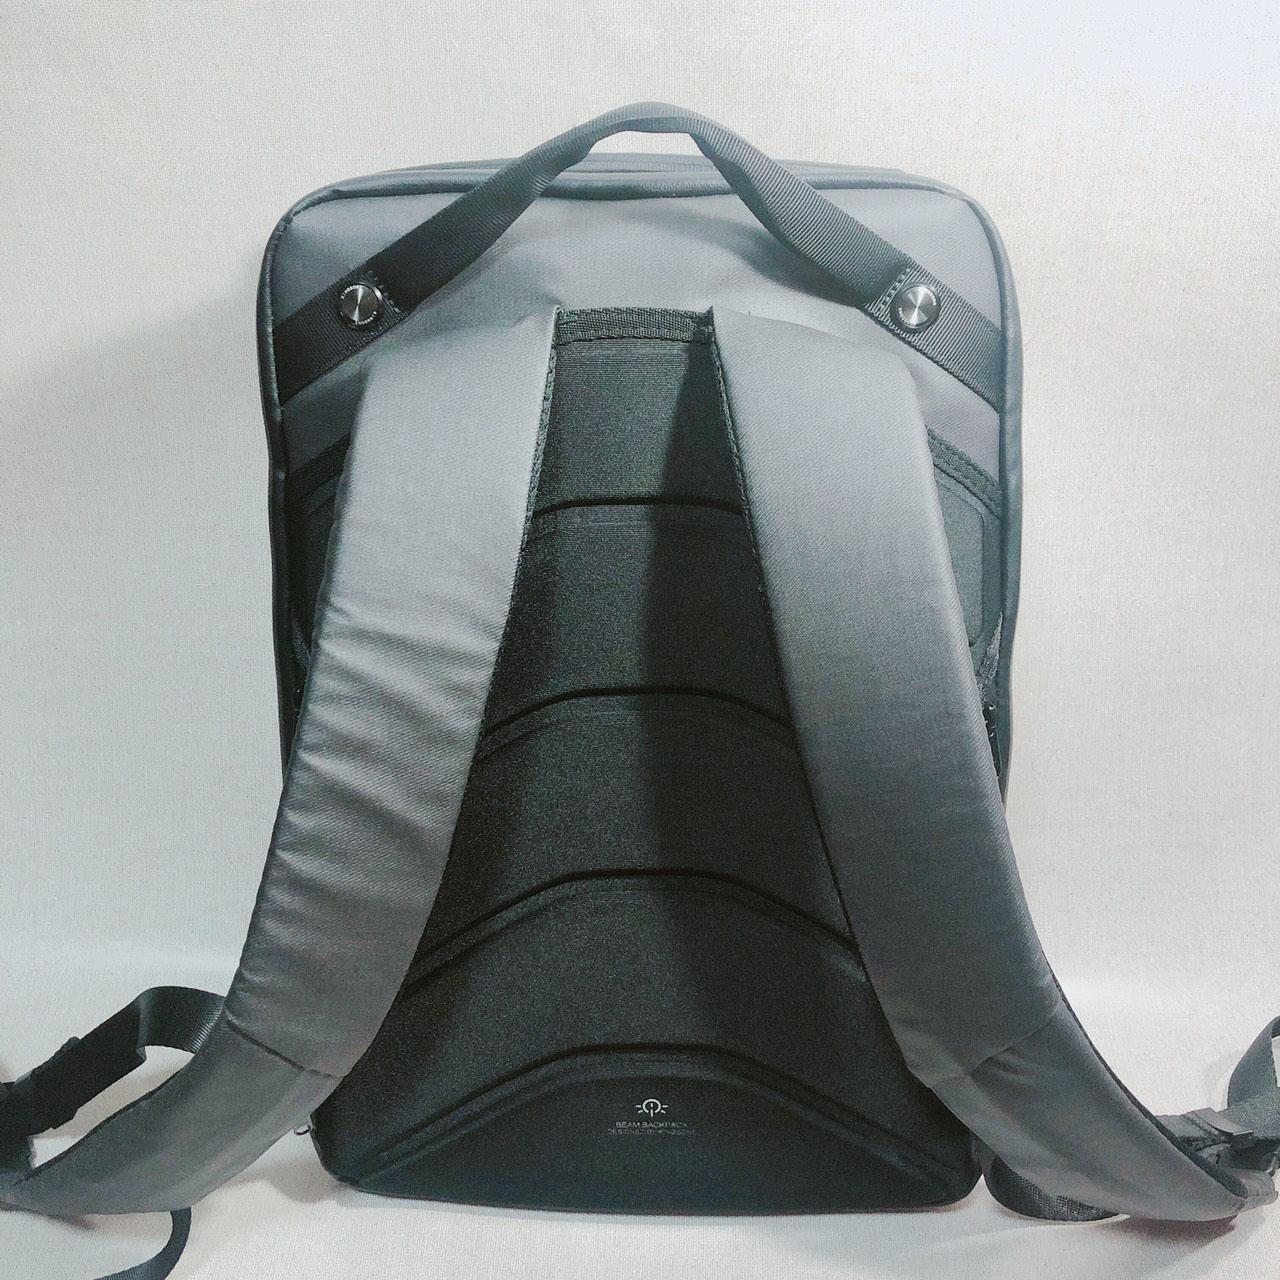 ビームバックパックの背面の画像